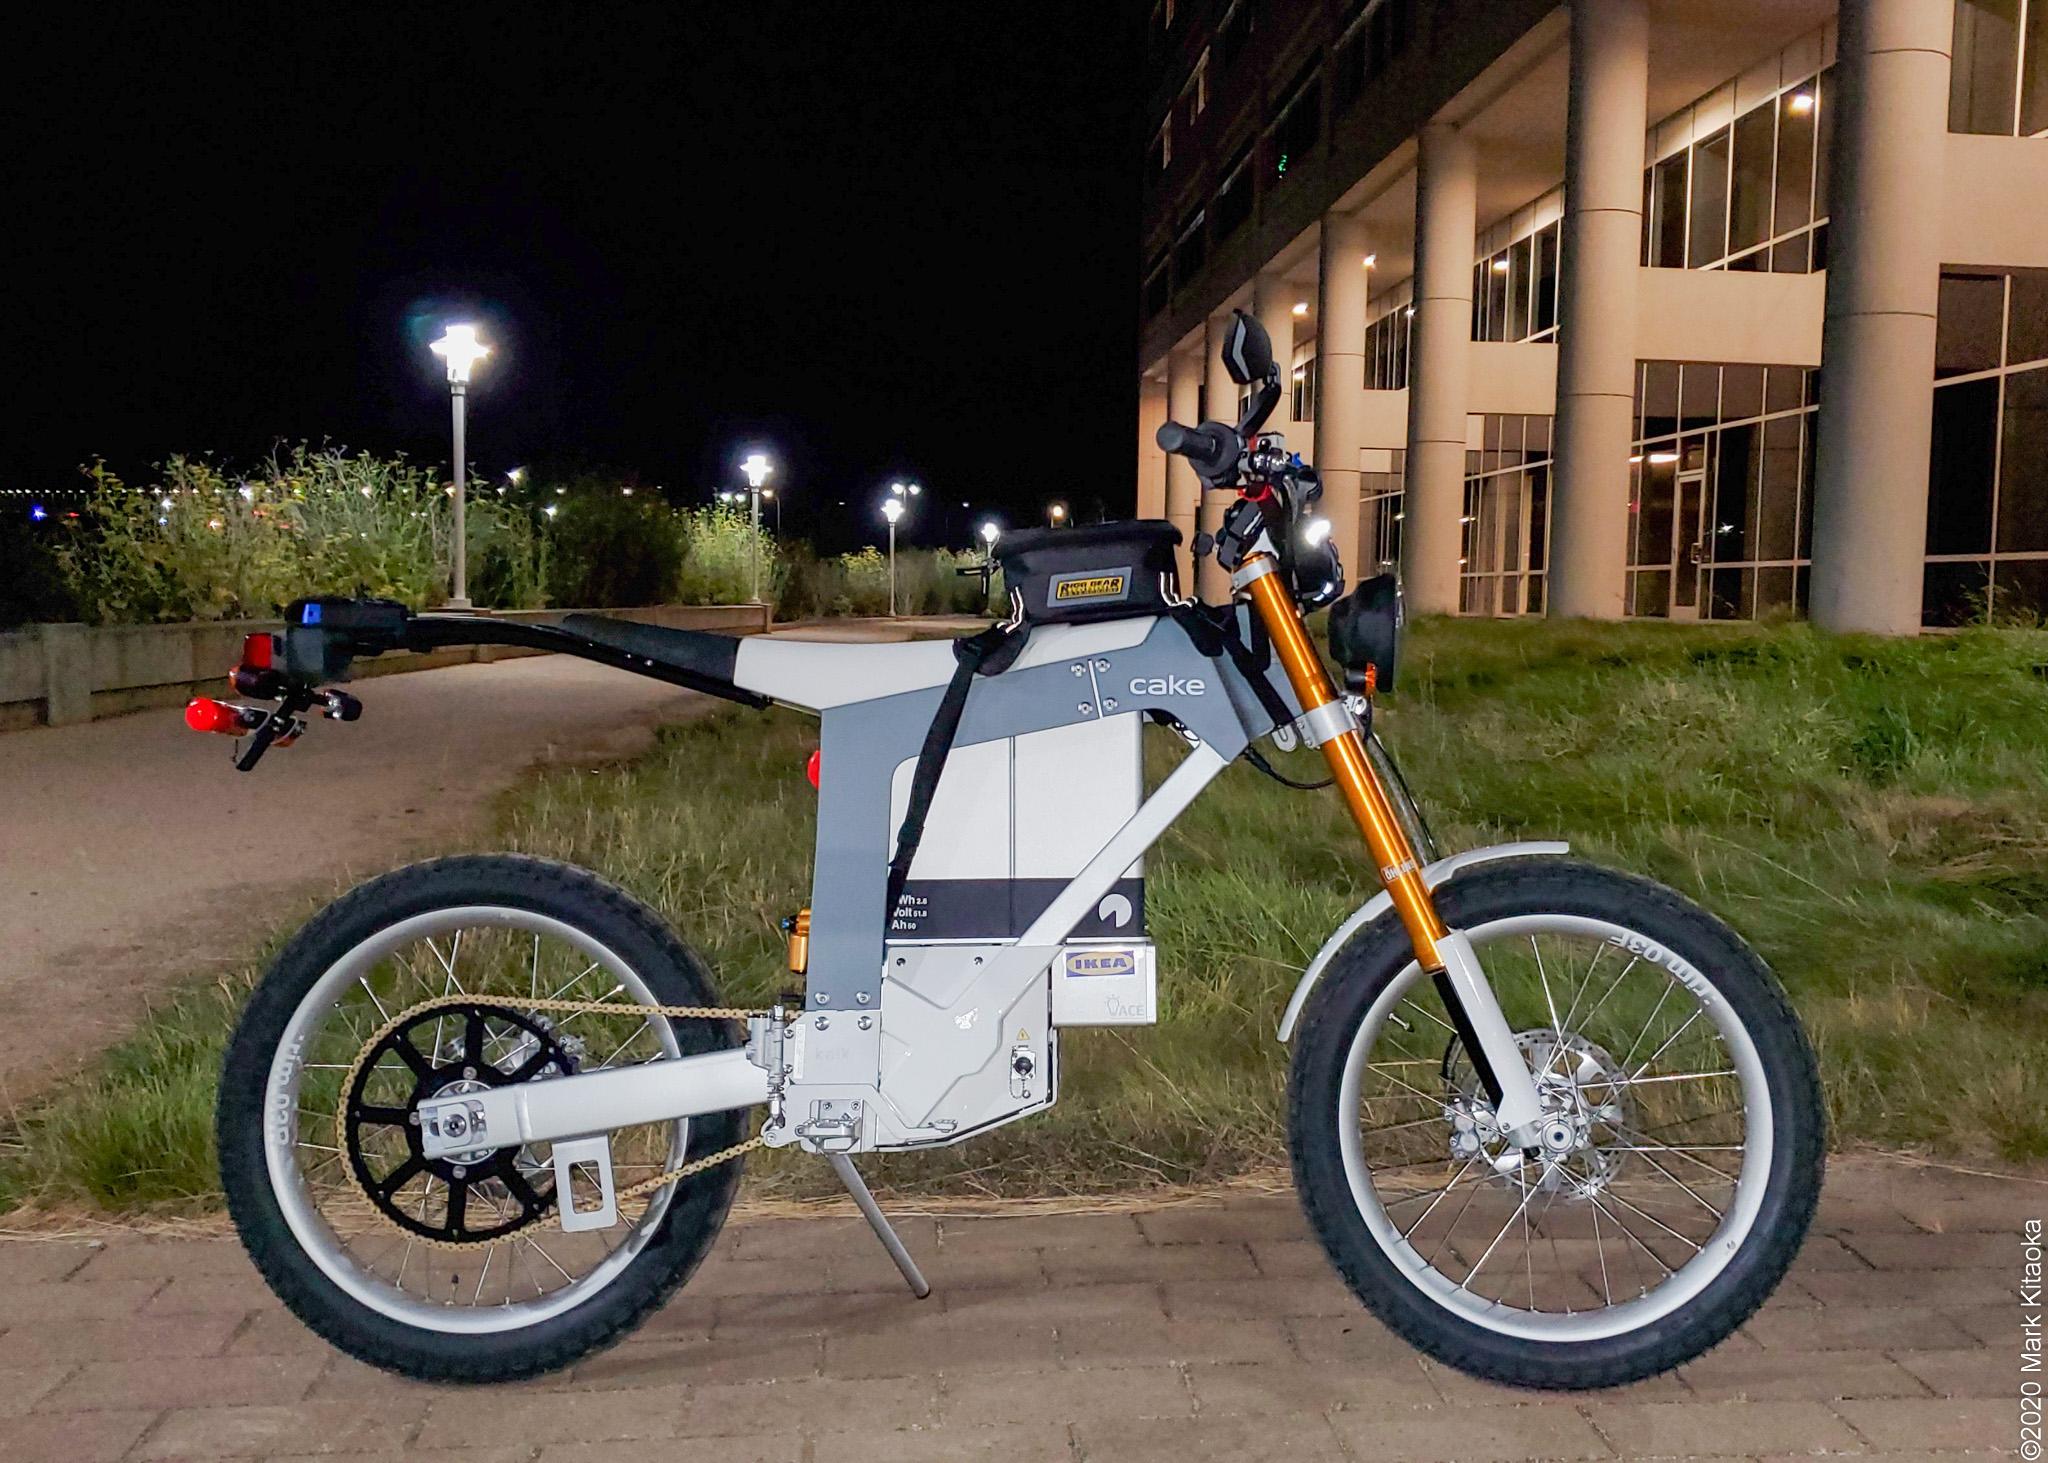 Kalk motorcycle at night